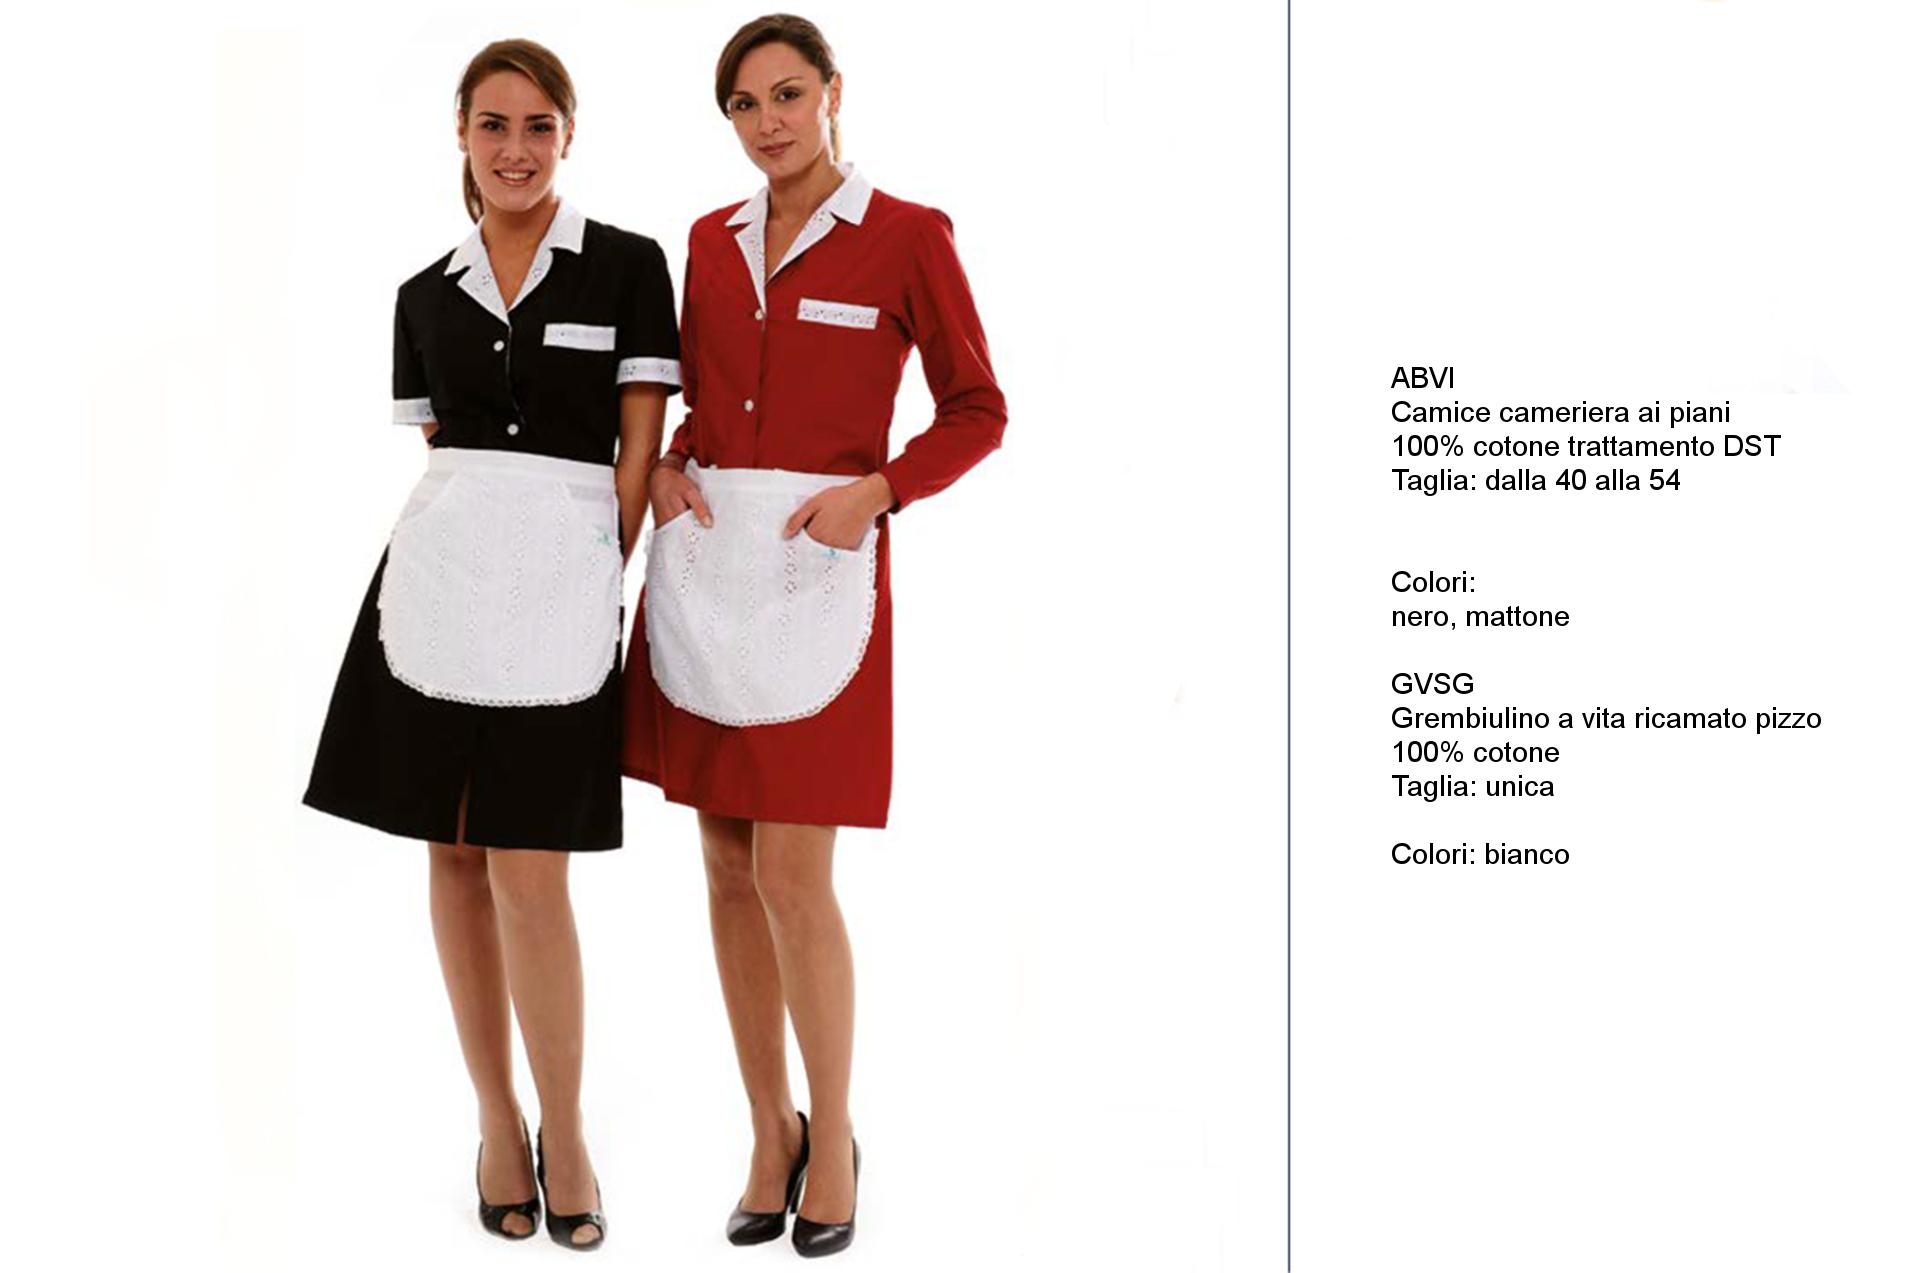 Abbigliamento reception albergo - Creativity clothingsxwork -